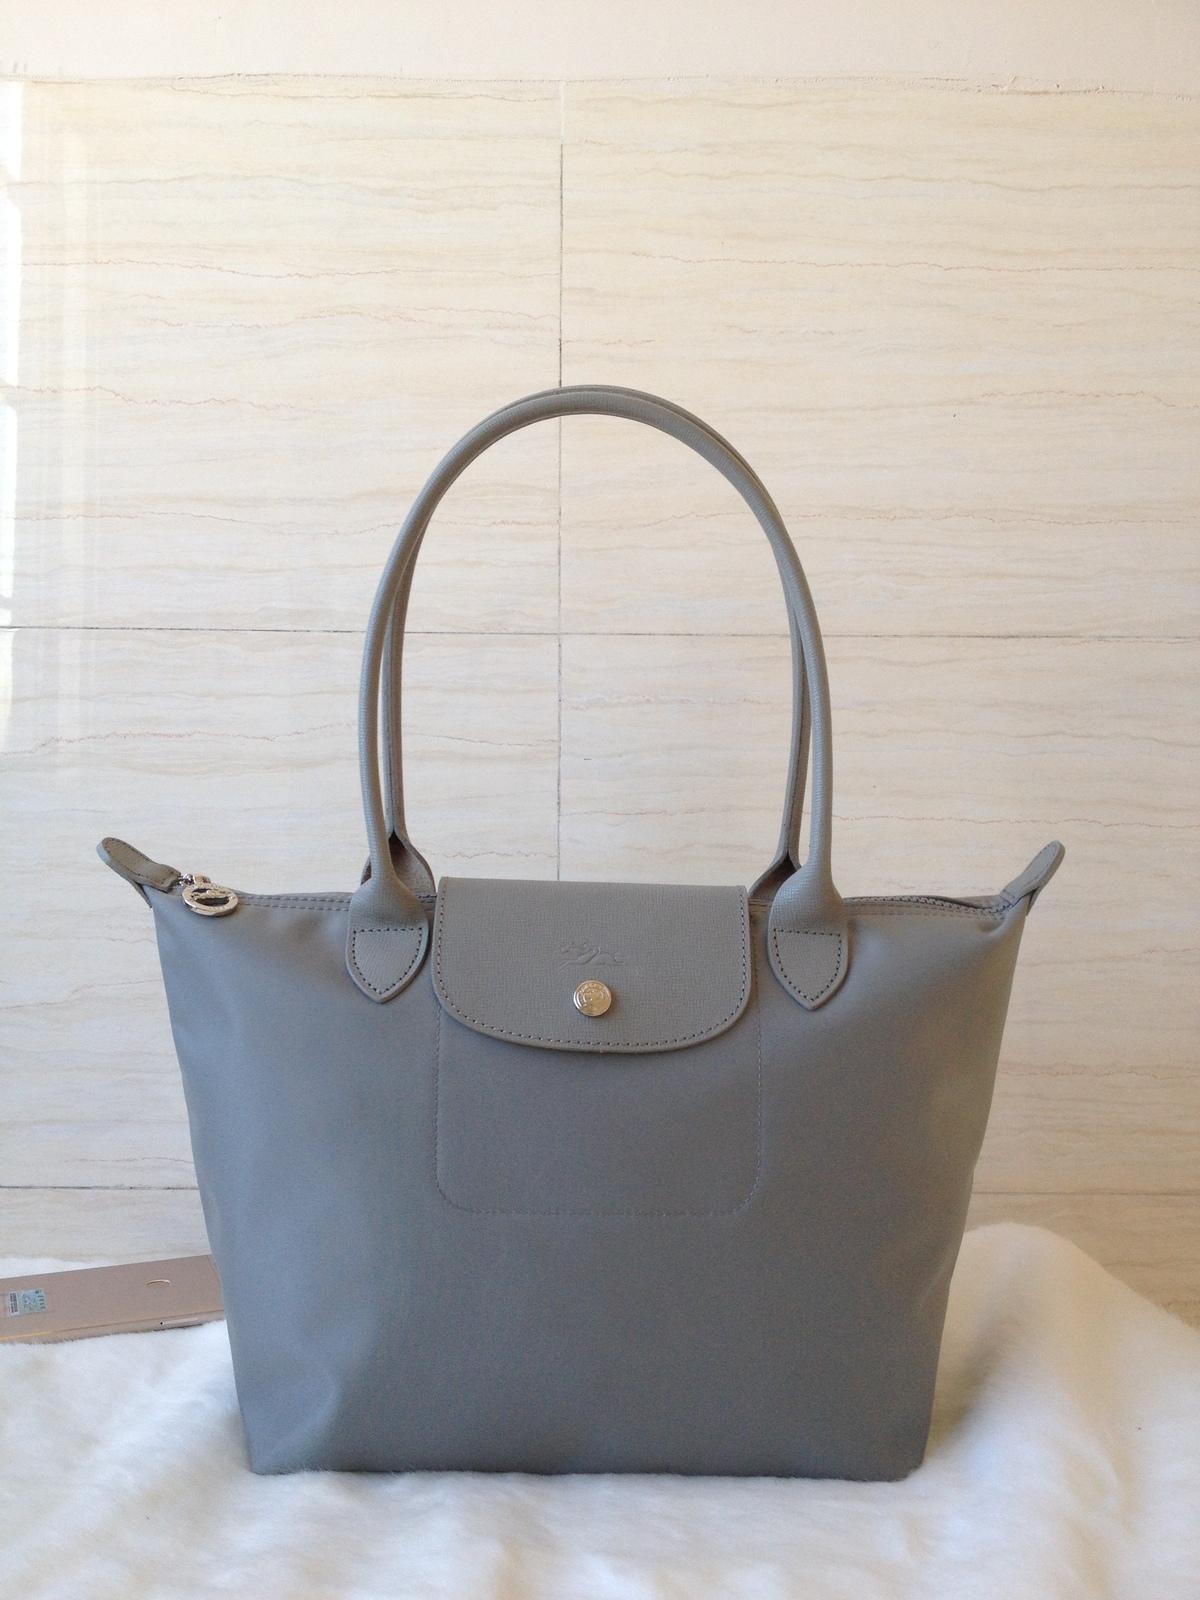 Longchamp Bag Le Pliage House Of Fraser : Longchamp le pliage neo small tote bag pebble galet